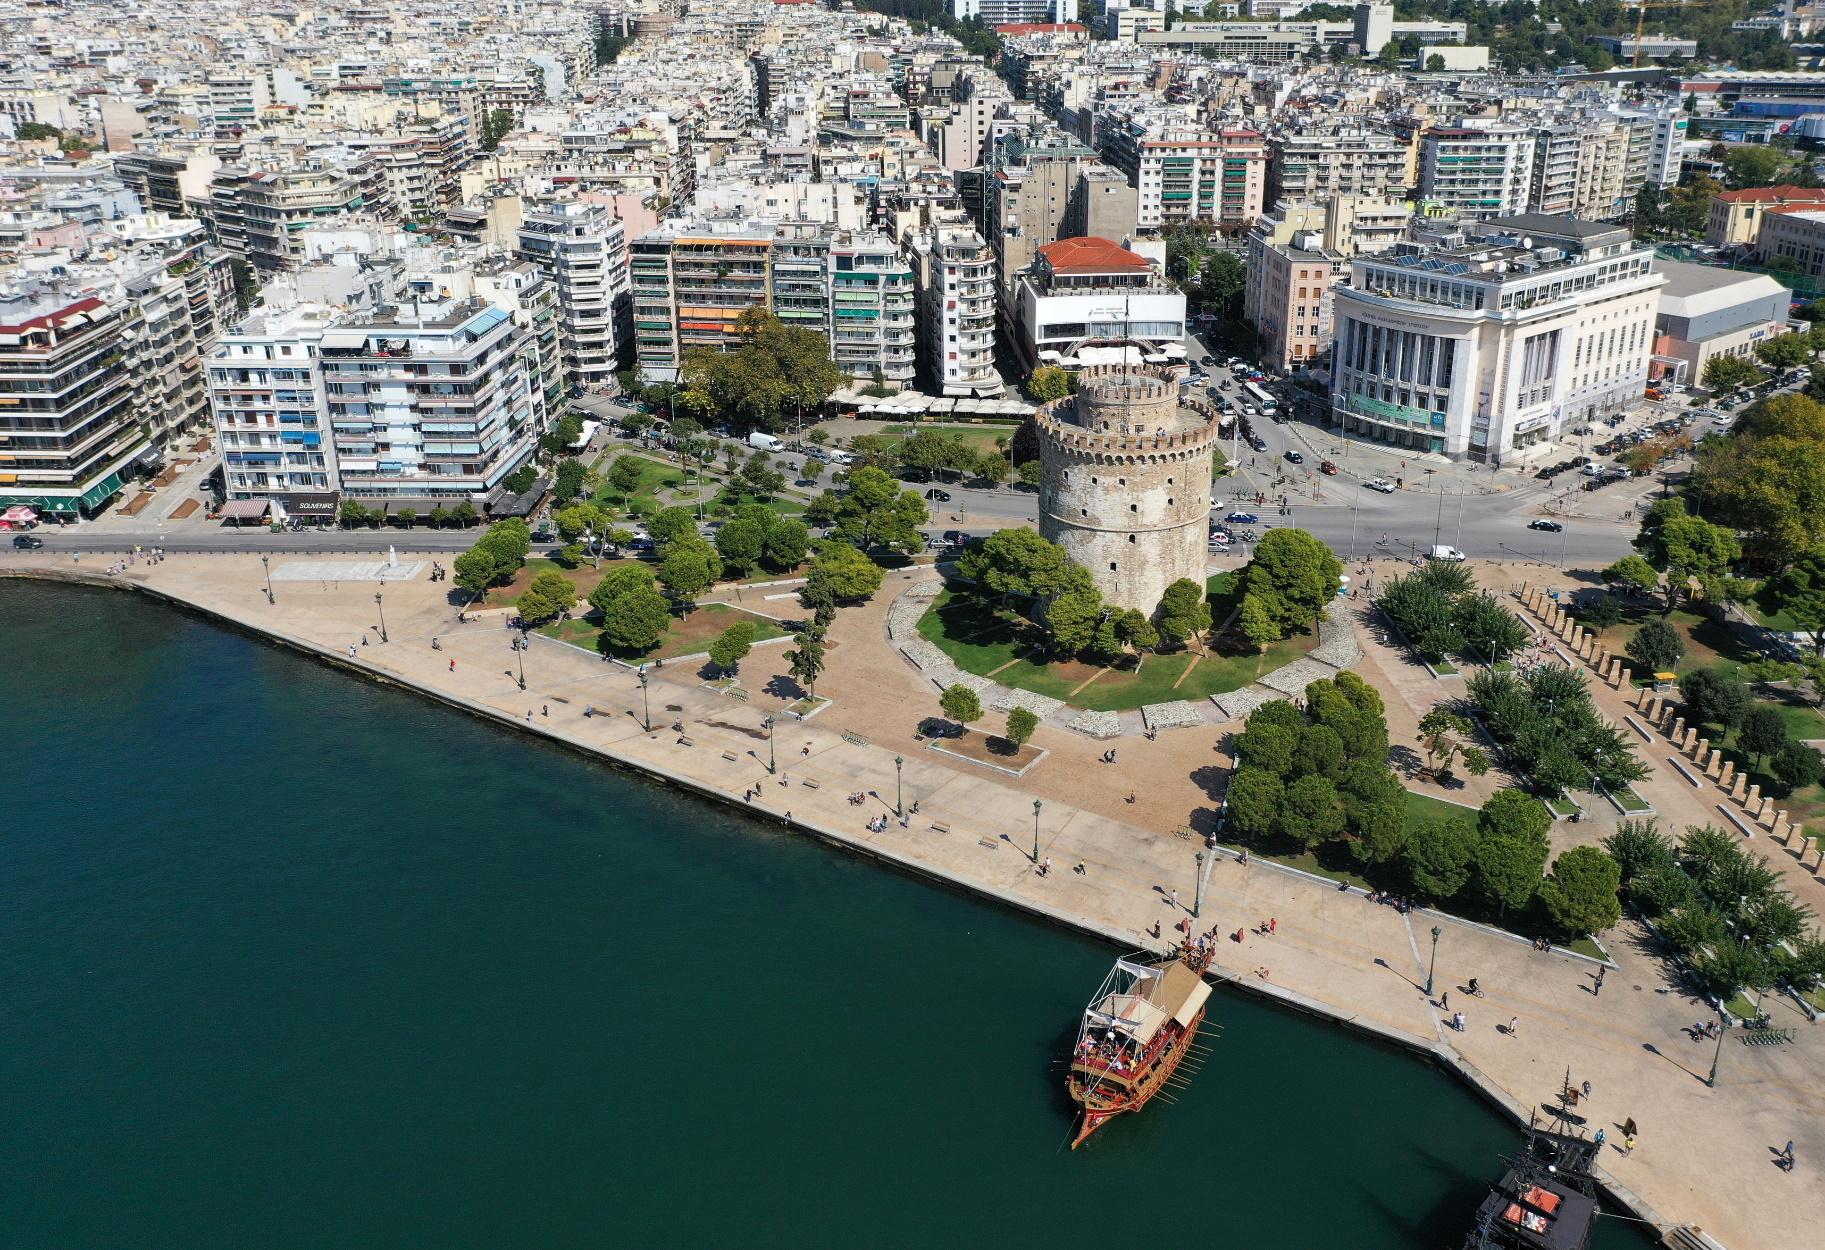 Η παλιότερη φωτογραφία της Θεσσαλονίκης και τα κτήρια που δεν υπάρχουν πια